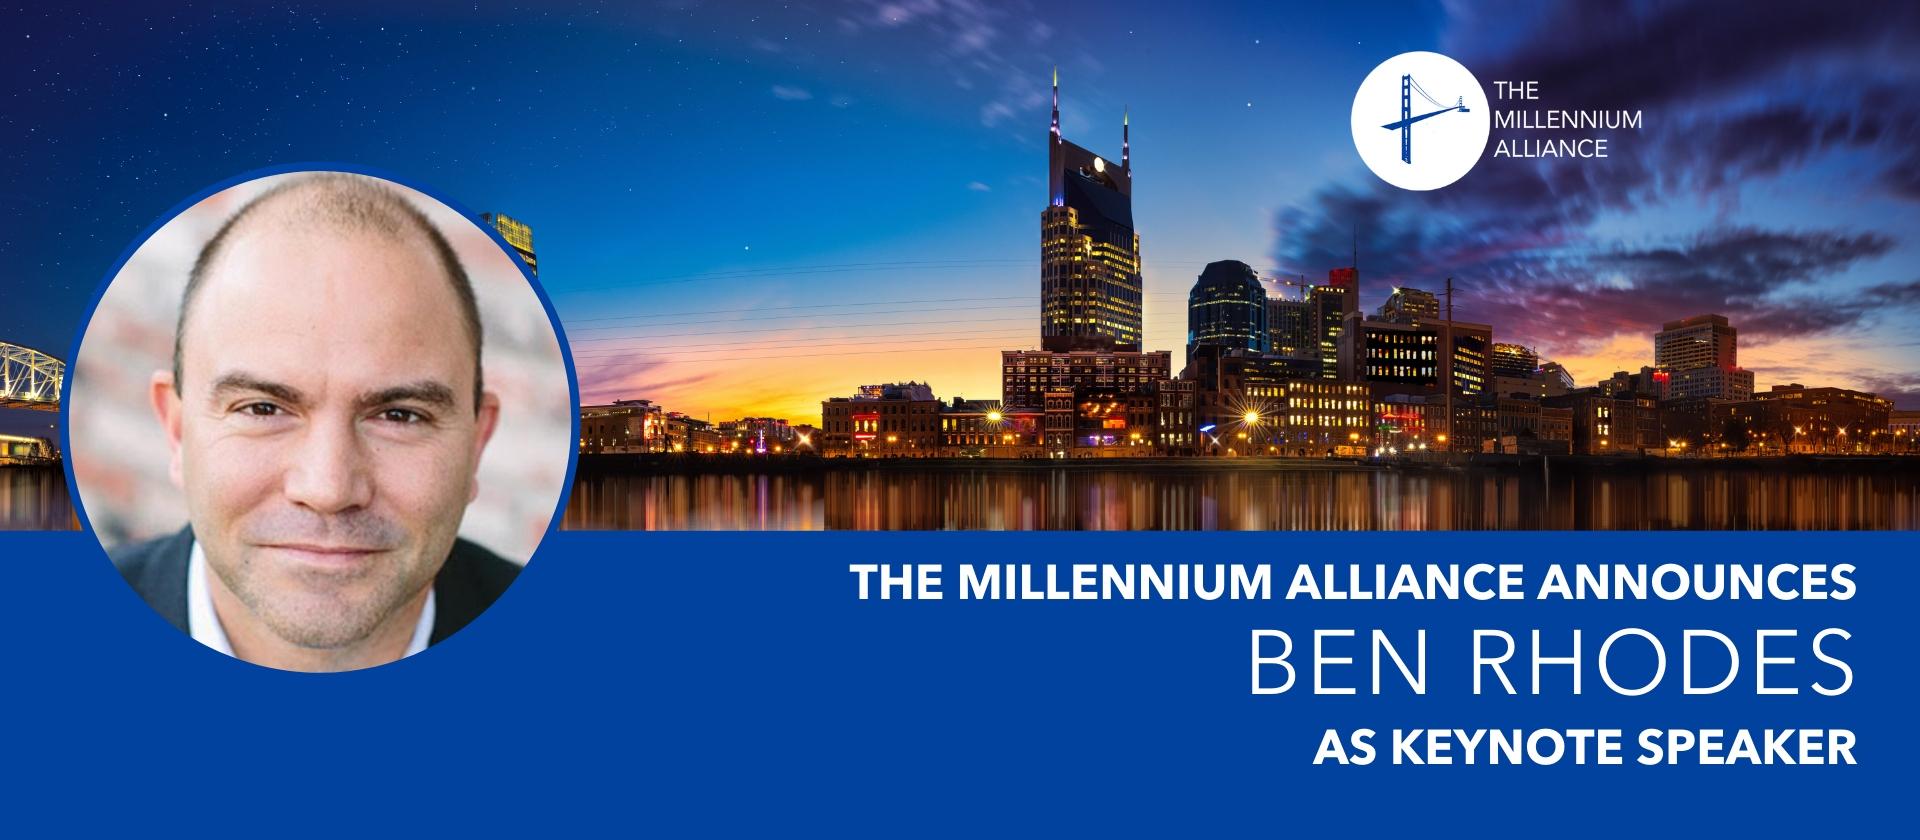 Ben Rhodes Keynote Speaker Announcement Millennium Alliance